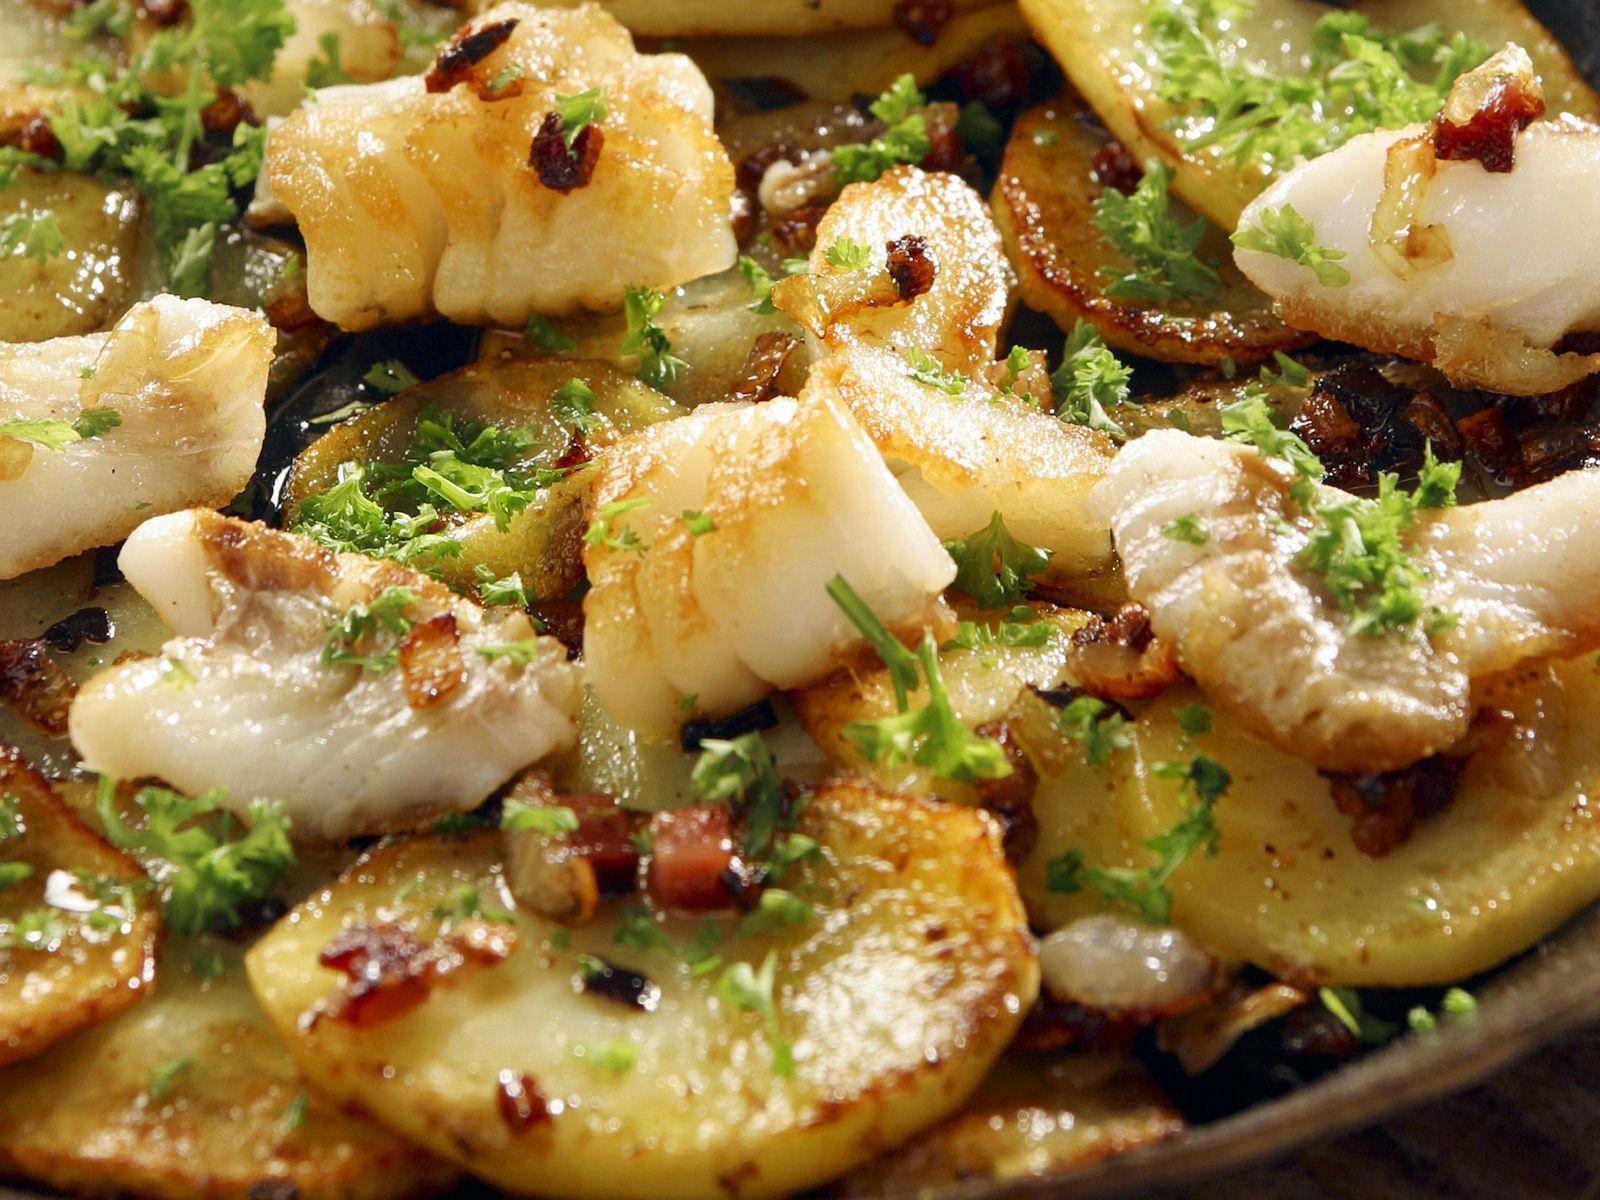 Fisch-Kartoffel-Pfanne mit Speck Rezept | EAT SMARTER